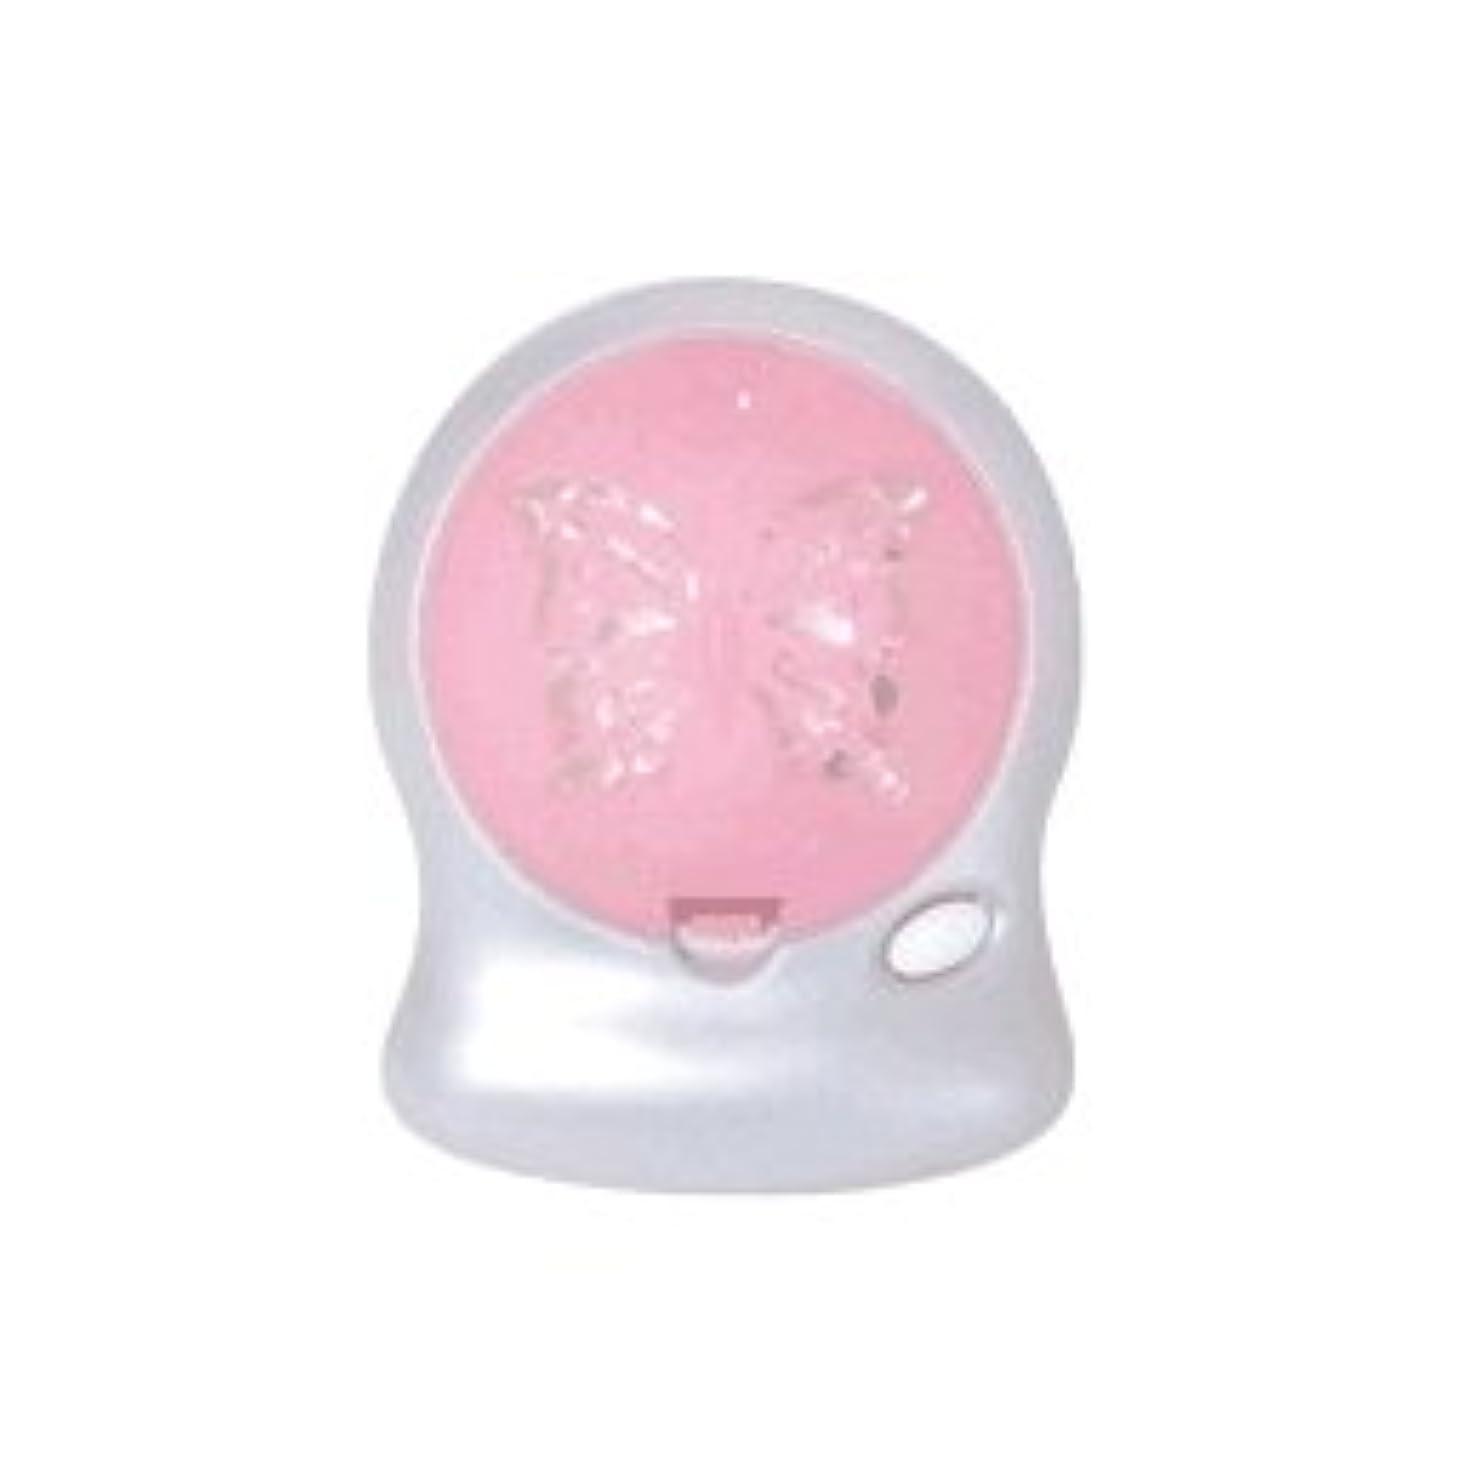 欠陥絶滅させる本当のことを言うとアロマブリーズ Nova t Jill (蝶柄) ピンク オフタイマー付モバイルファン式芳香器